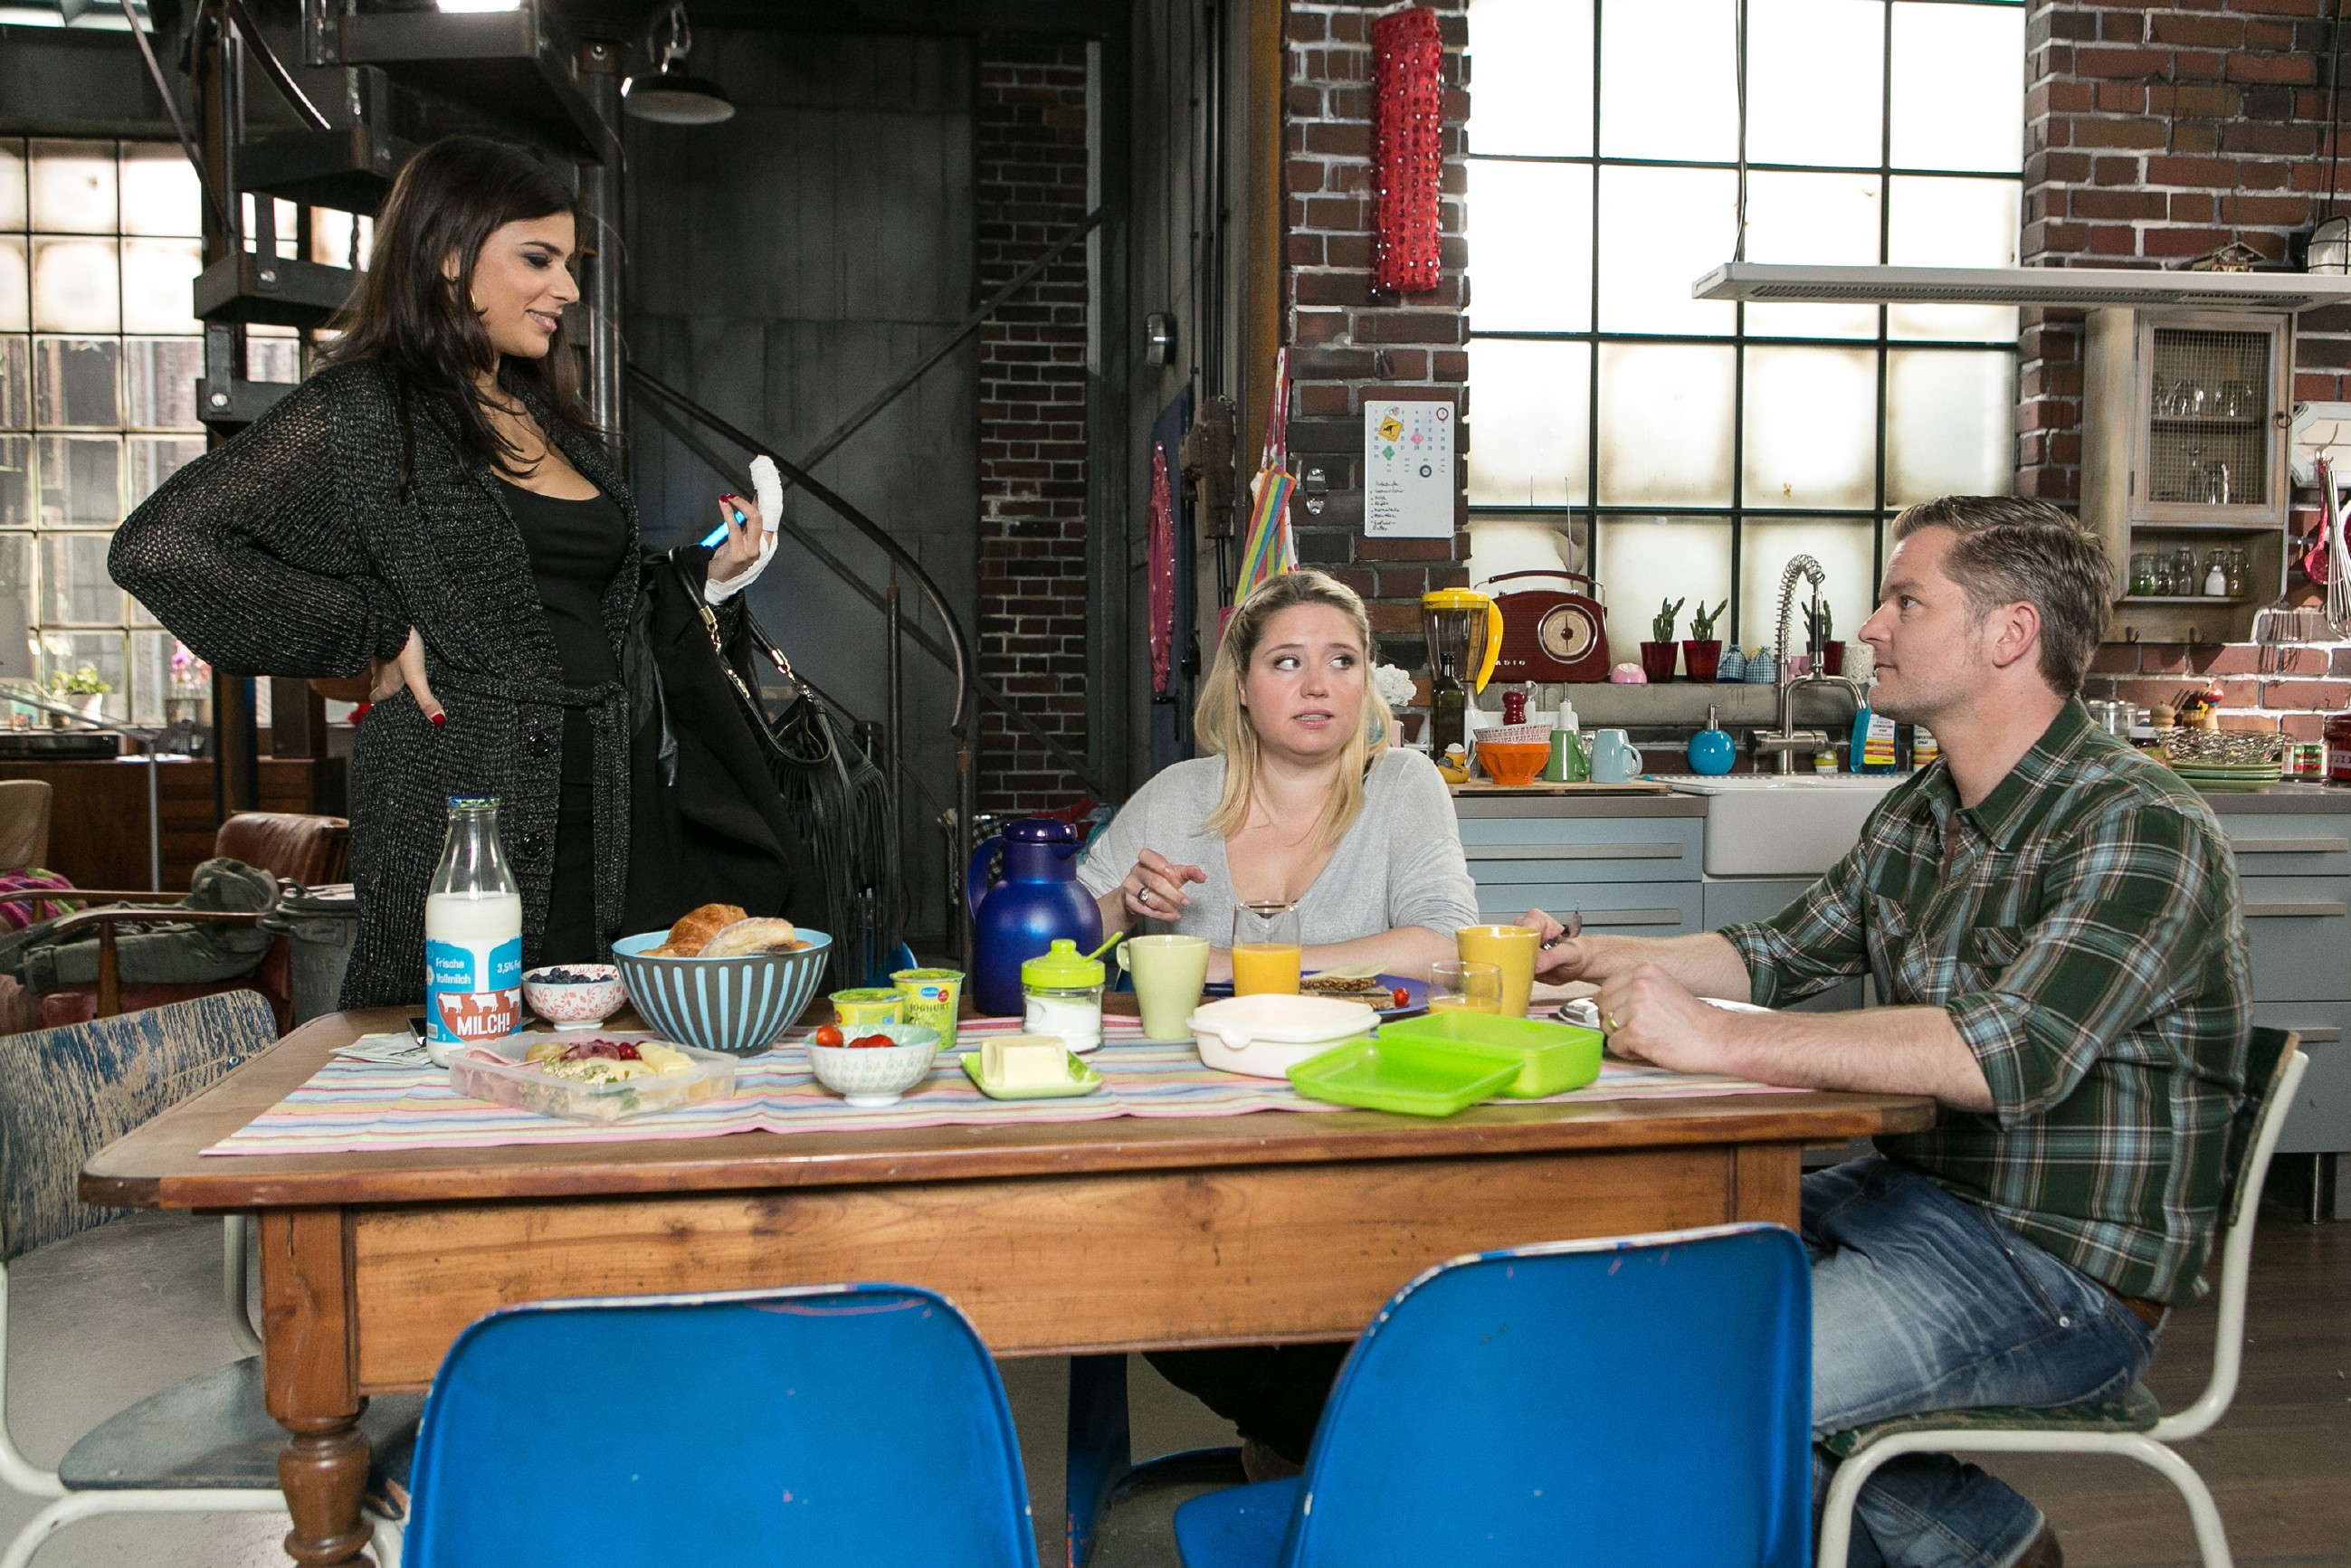 Tina (Tanja Tischewitsch, l.) macht vor Bea (Caroline Maria Frier) und Ingo (André Dietz) die Ansage, dass sie Vanessa verklagen wird, wenn ihr der Daumen abfällt. (Quelle: RTL / Kai Schulz)